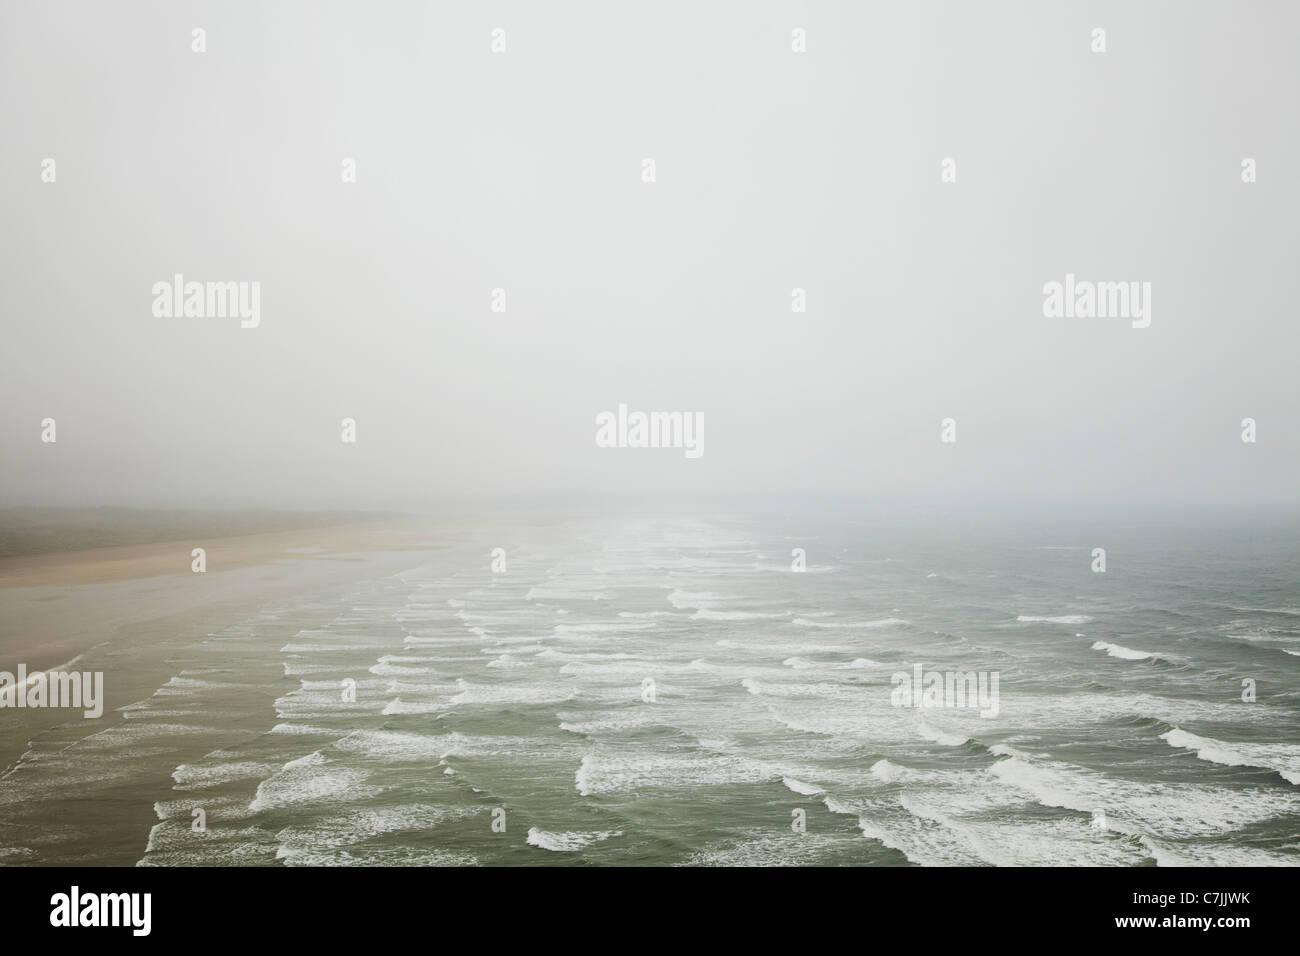 Waves crashing on foggy beach - Stock Image